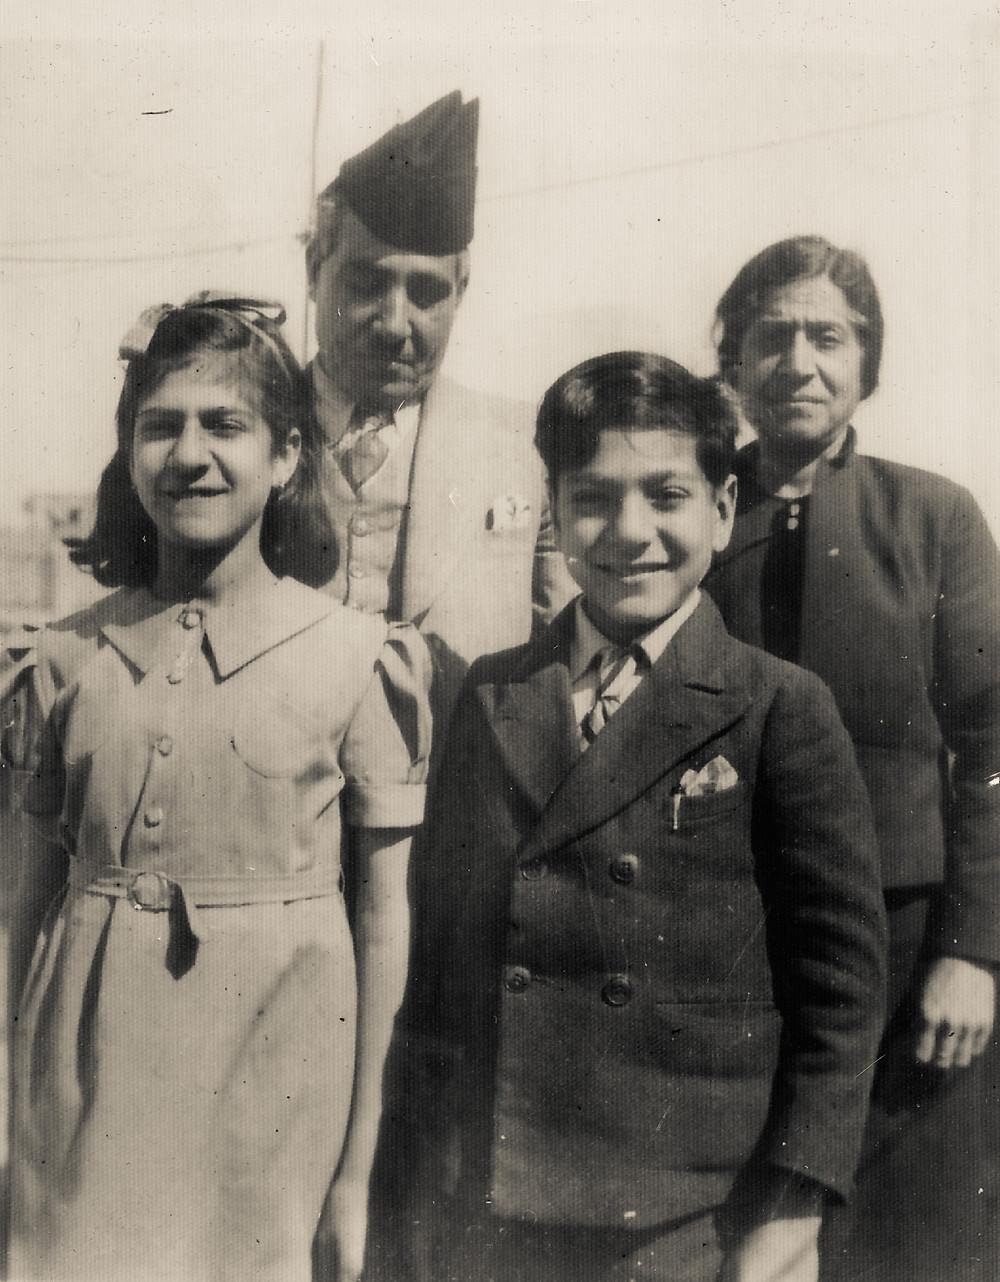 סבתא וסבא במגבעת, אבי ודודתי האהובה. תמונה שראויה למקום ונוכחות באלבום זכרונות